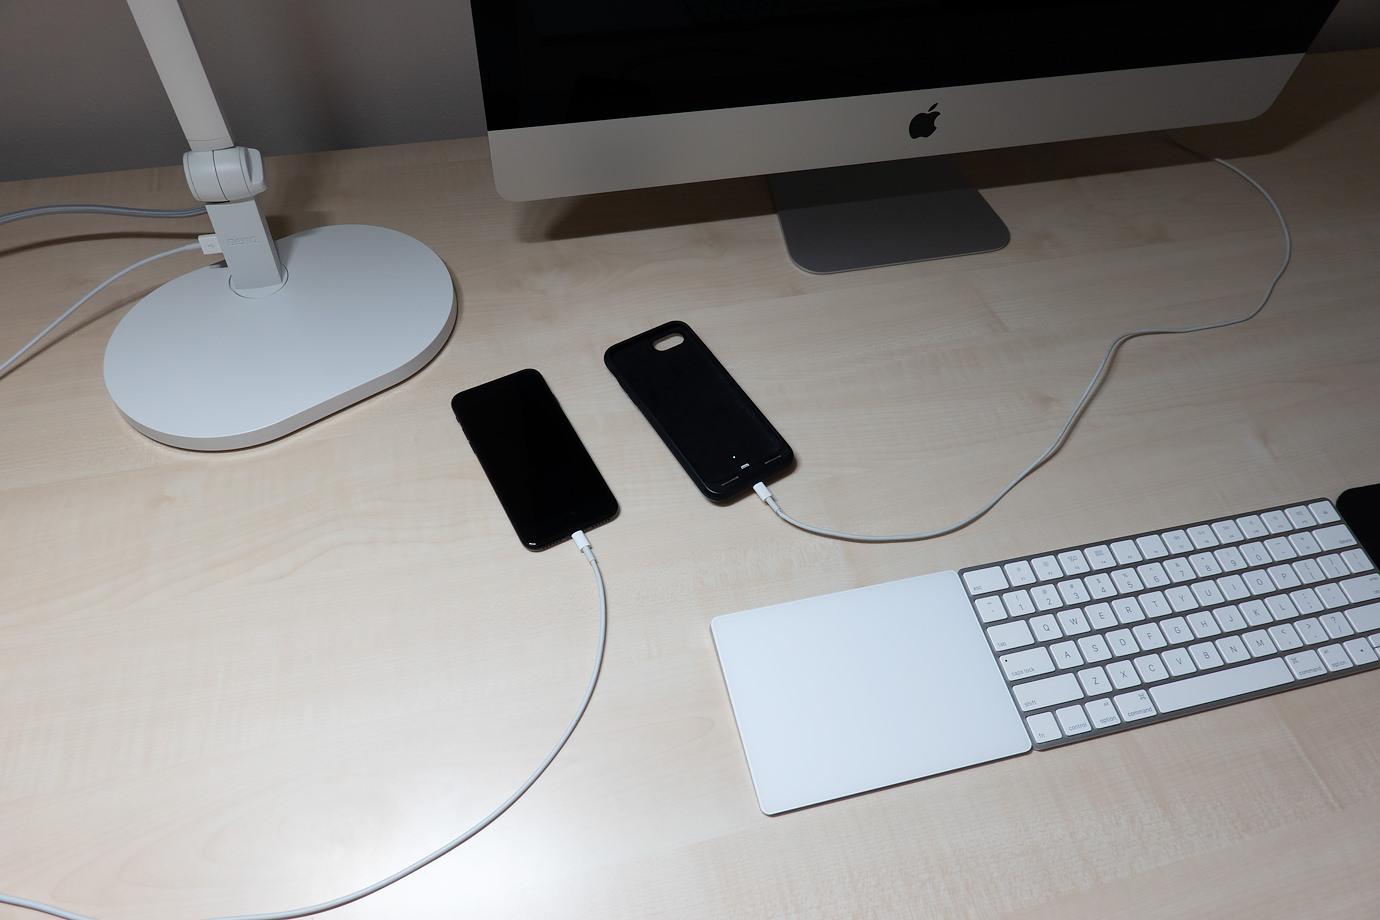 デスクライトとiMacから充電